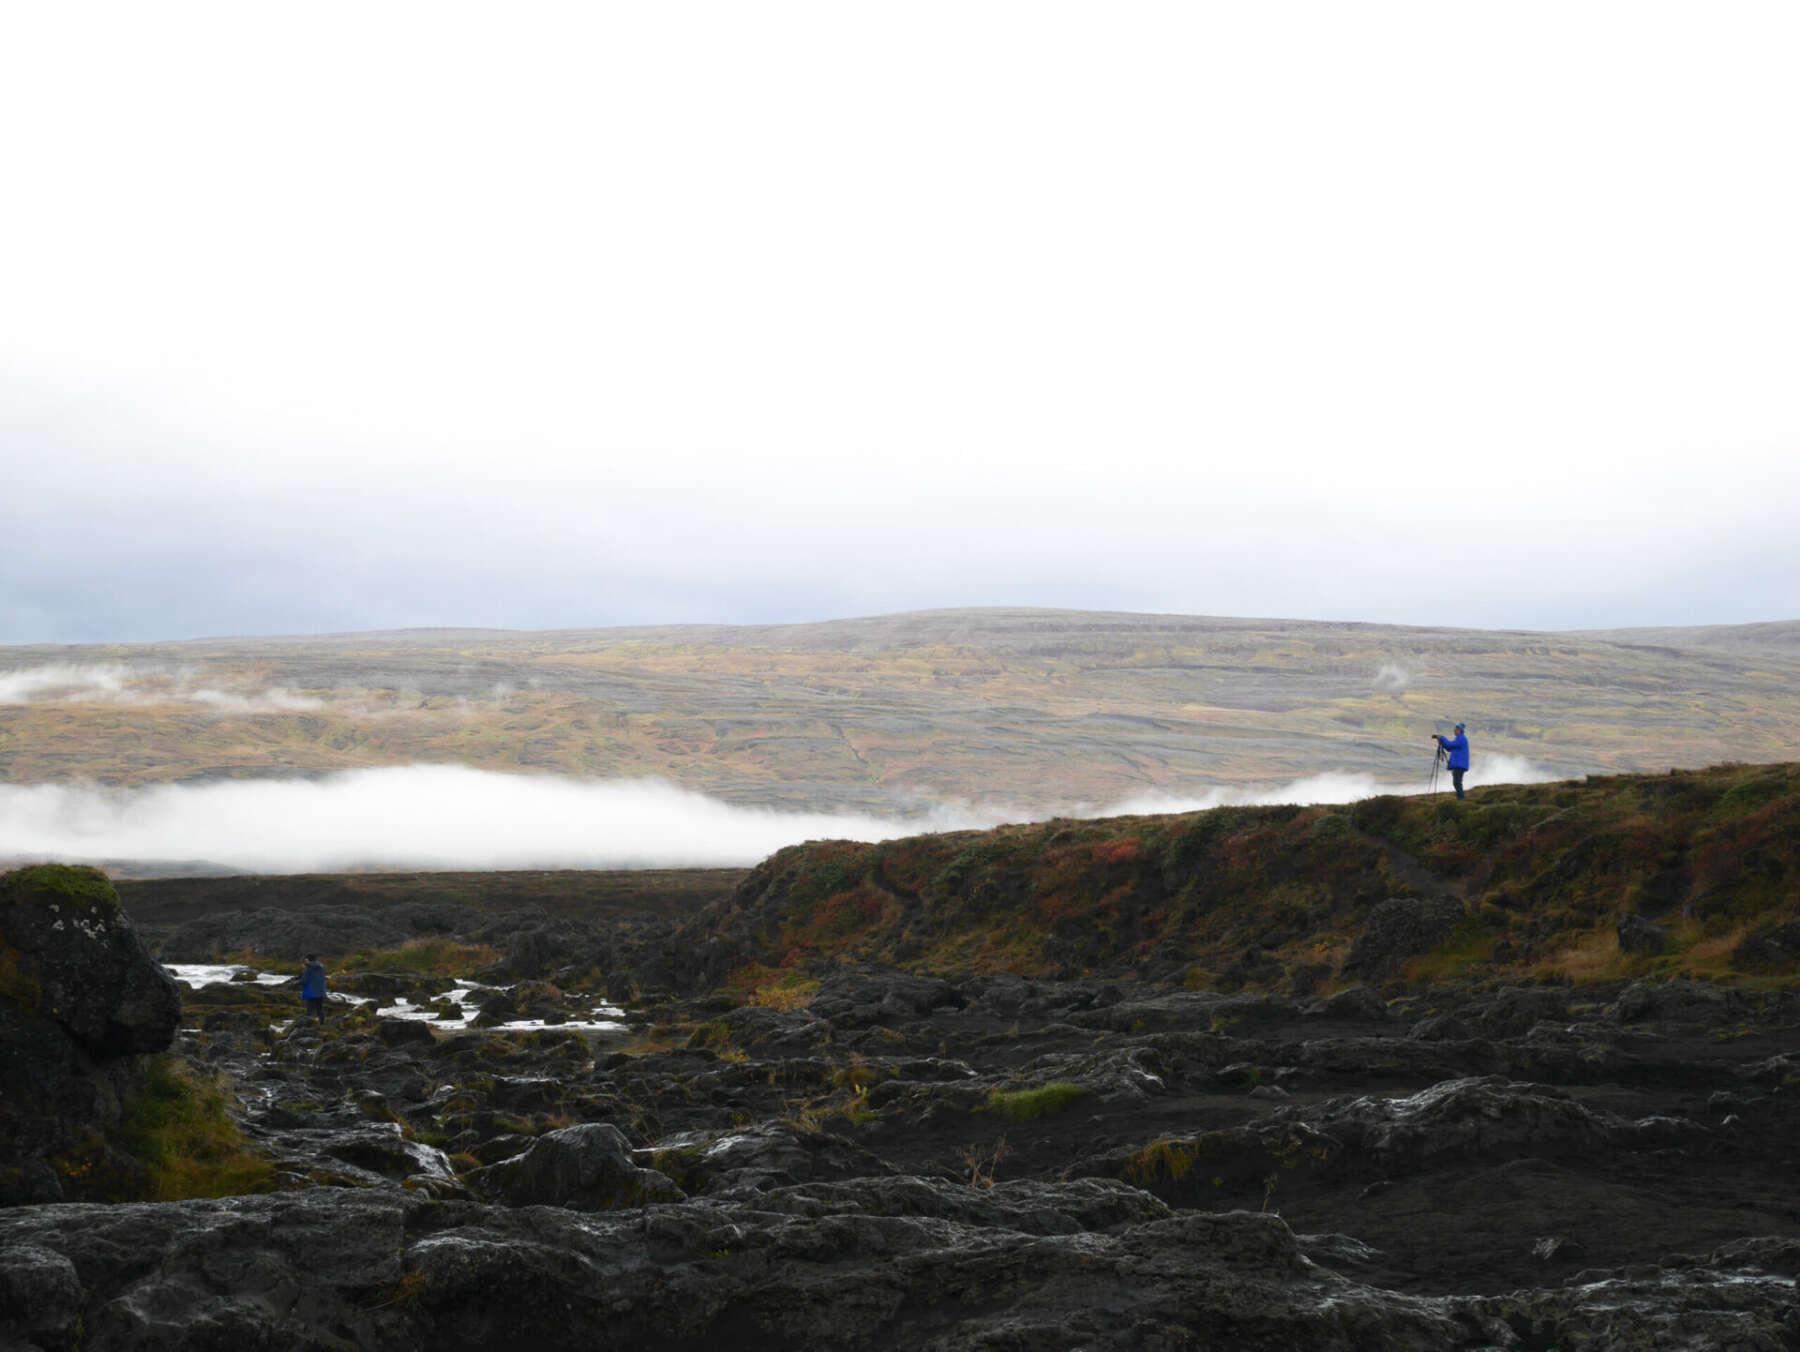 น้ำตกโกดาฟอสส์ (Godafoss waterfall)